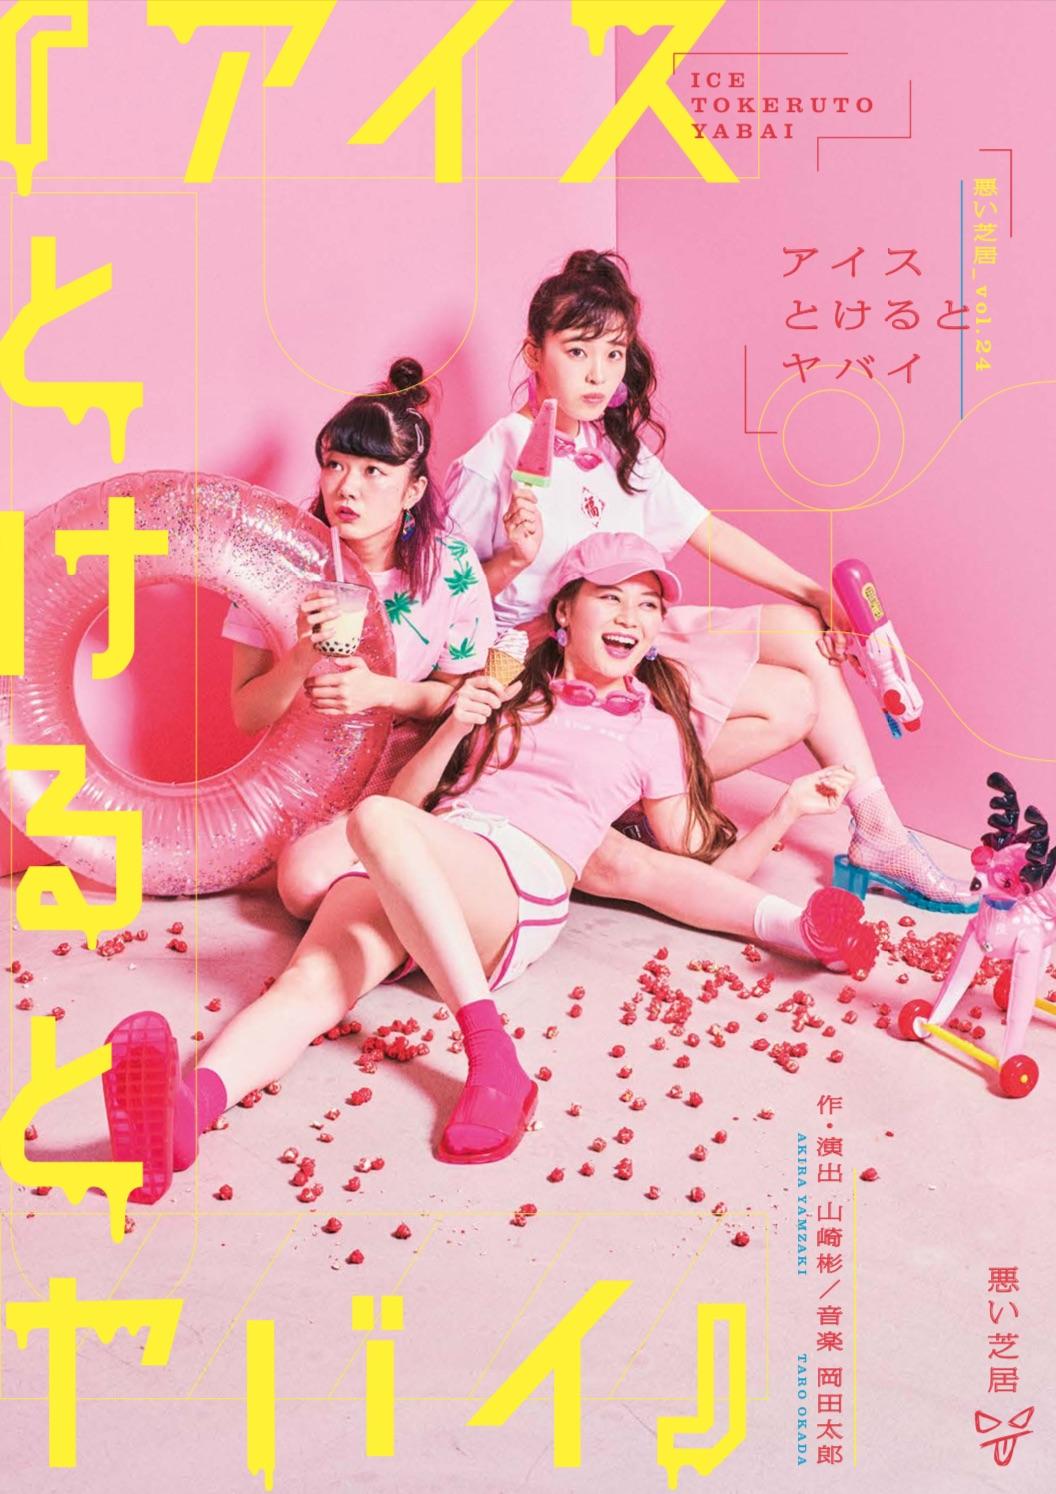 悪い芝居 vol.24「アイスとけるとヤバイ」仙台公演